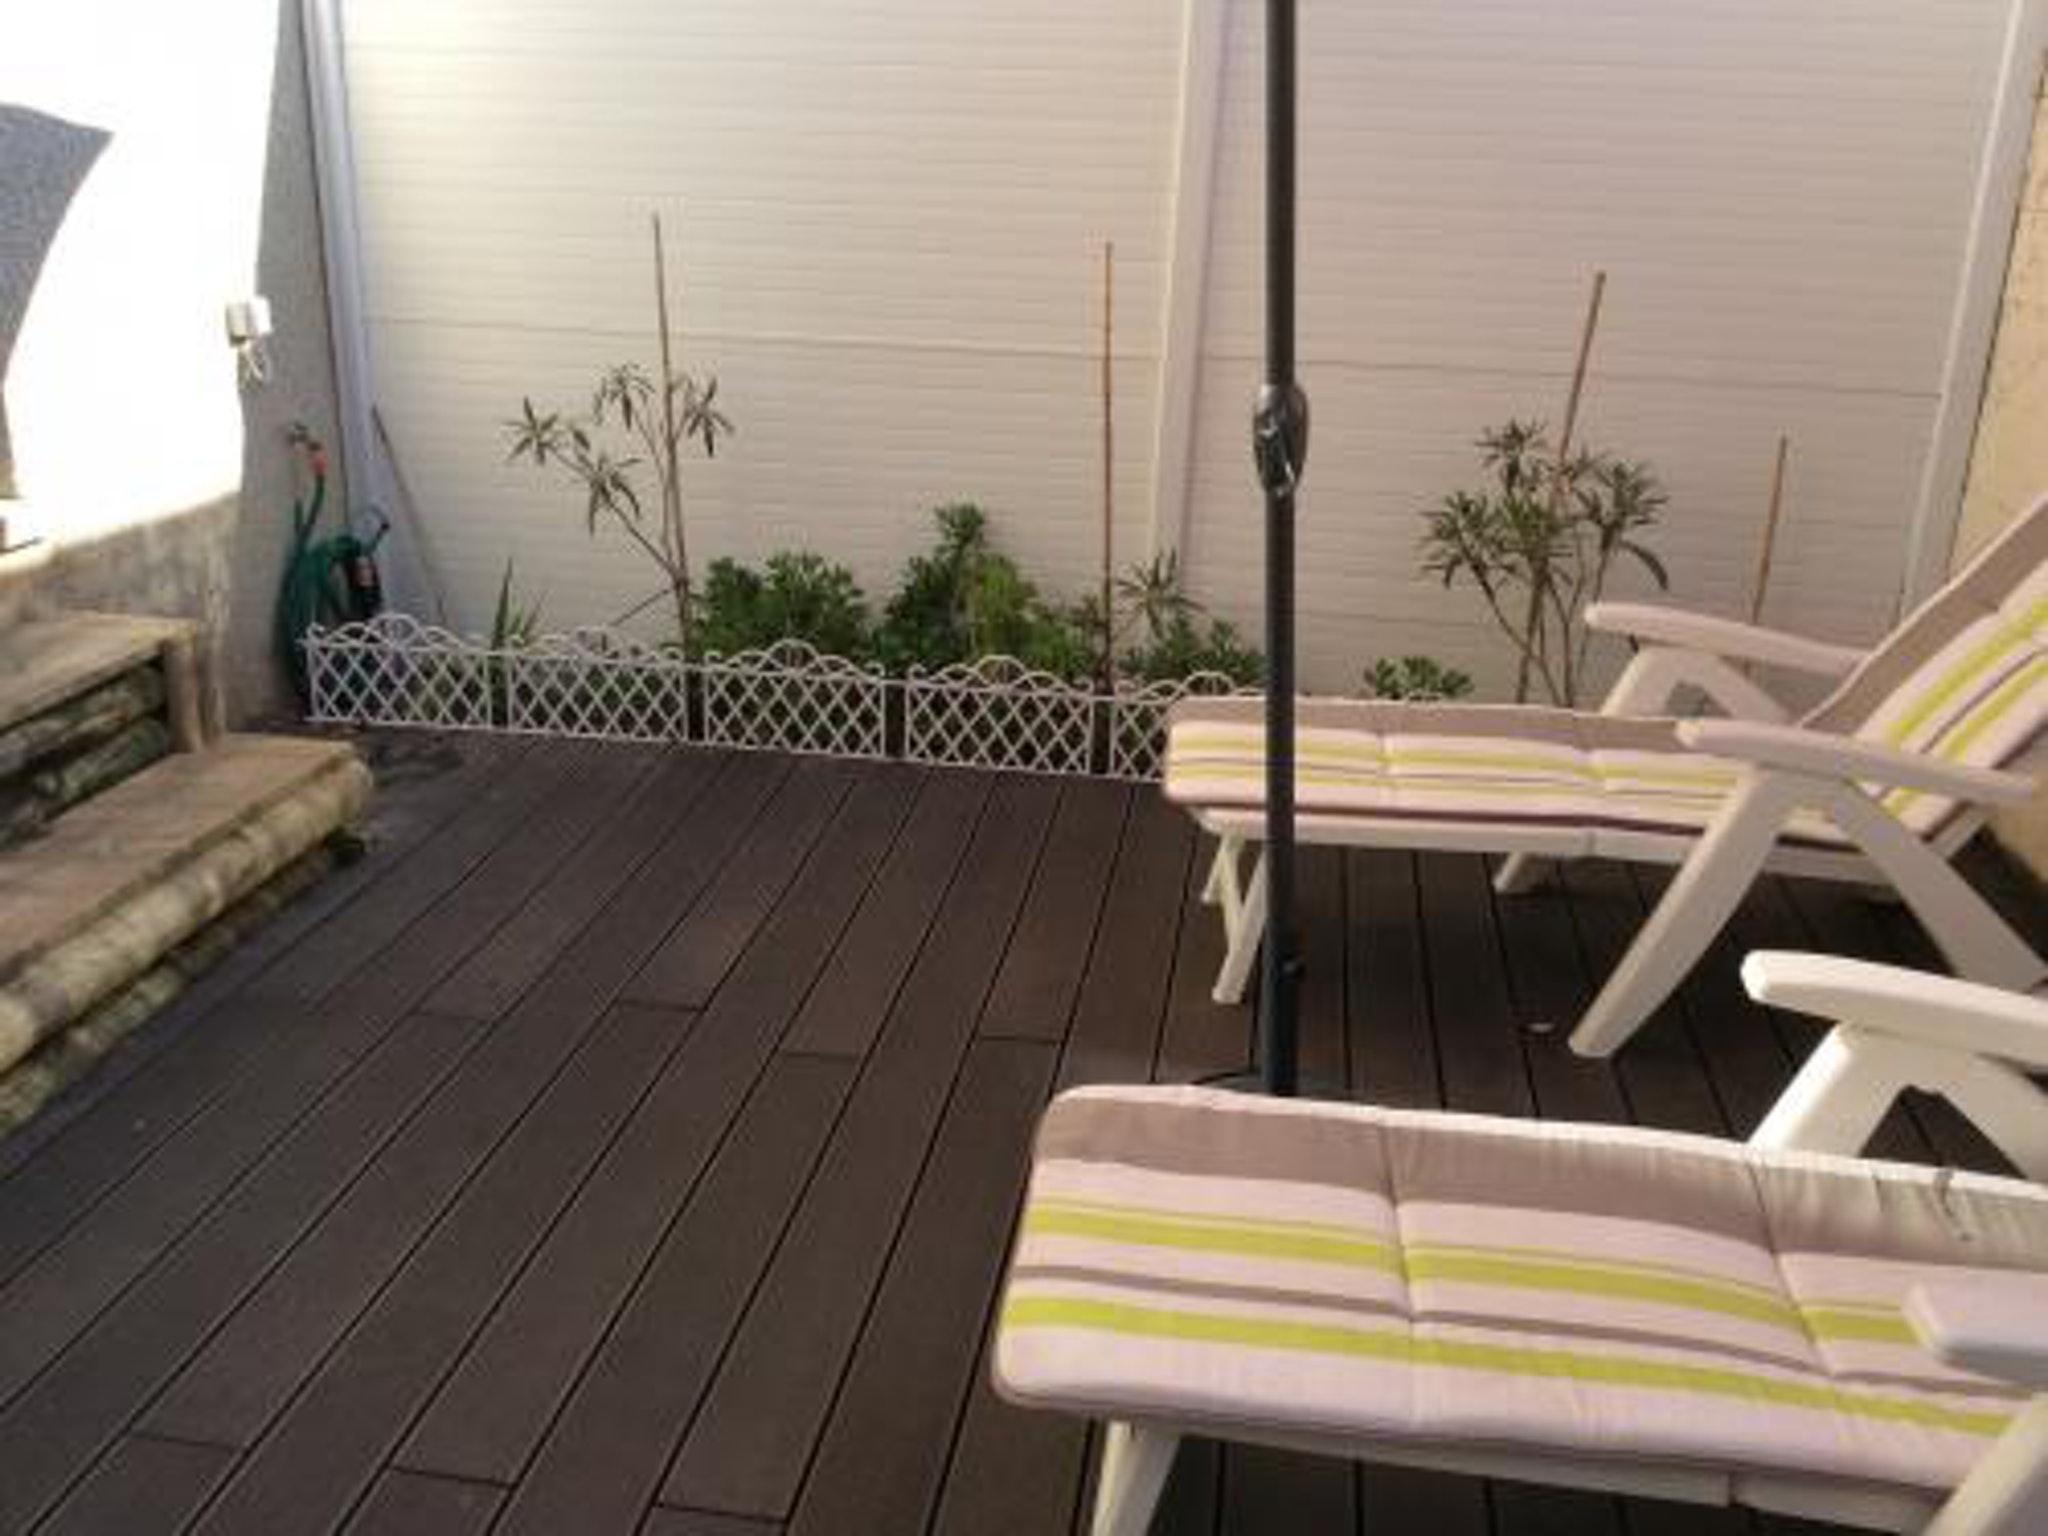 Ferienhaus Villa mit 2 Zimmern in Valras-Plage mit Pool und eingezäuntem Garten - 50 m vom Strand ent (2218190), Valras Plage, Mittelmeerküste Hérault, Languedoc-Roussillon, Frankreich, Bild 16